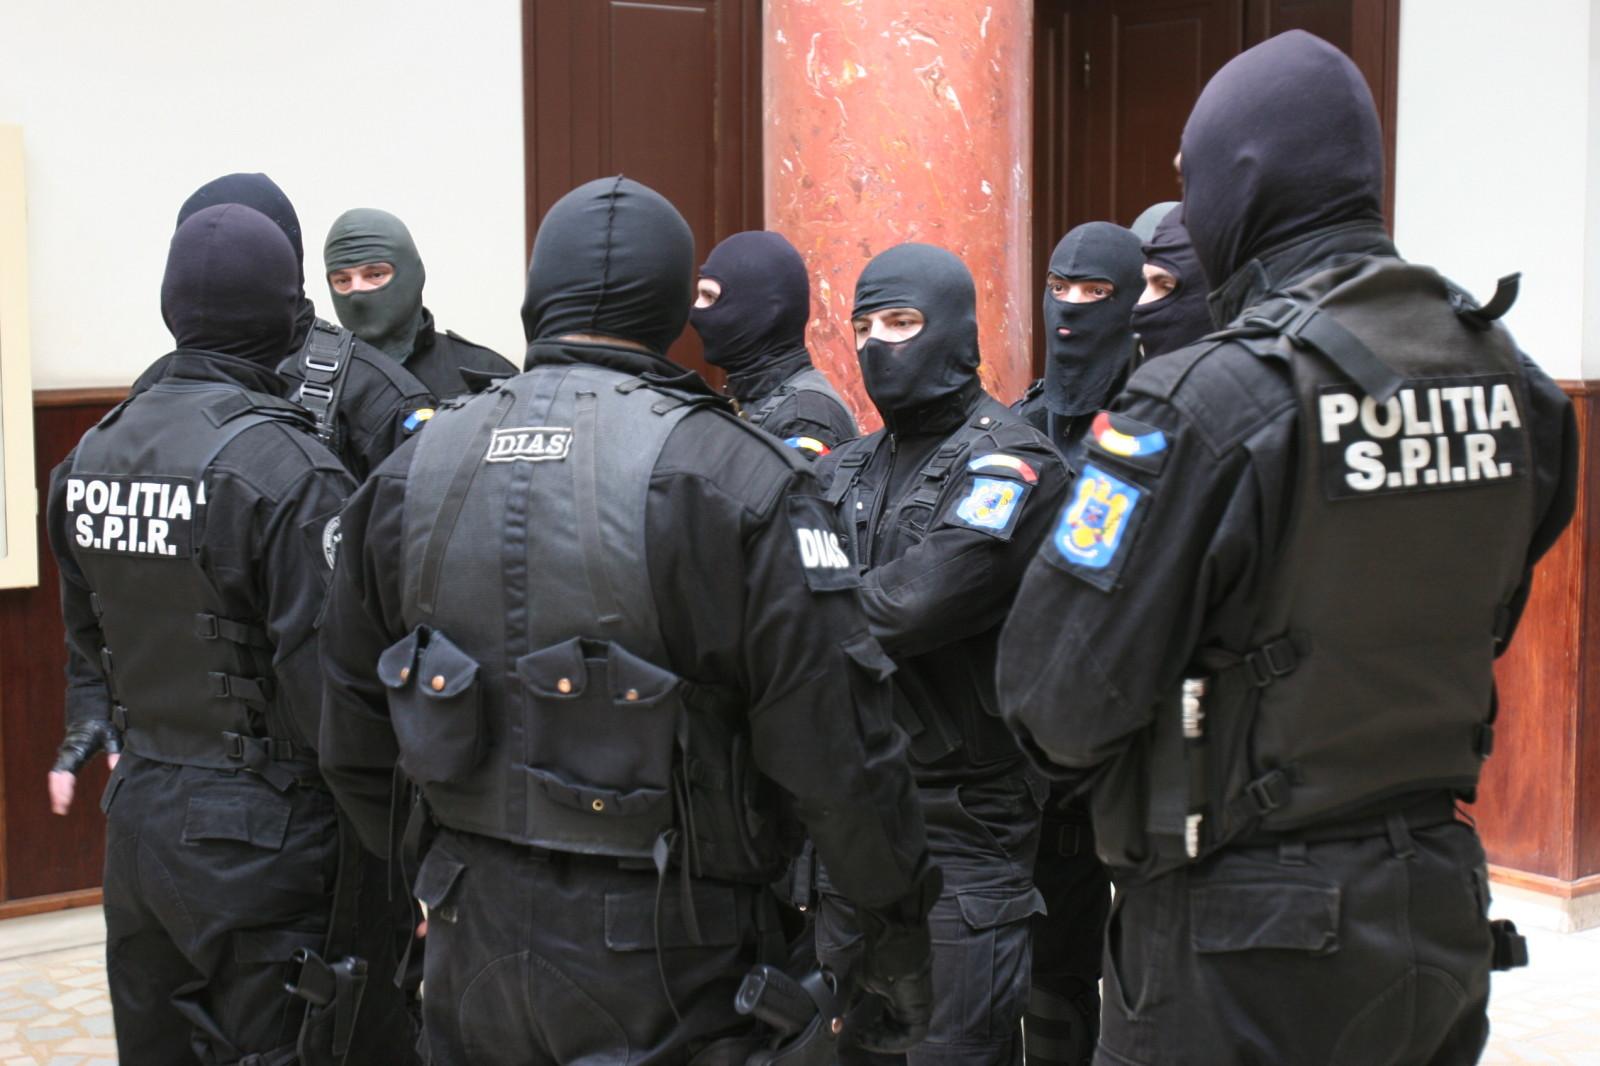 ACŢIUNE A POLIŢIEI PENTRU PREVENIREA ŞI COMBATEREA CONTRABANDEI CU ŢIGĂRI